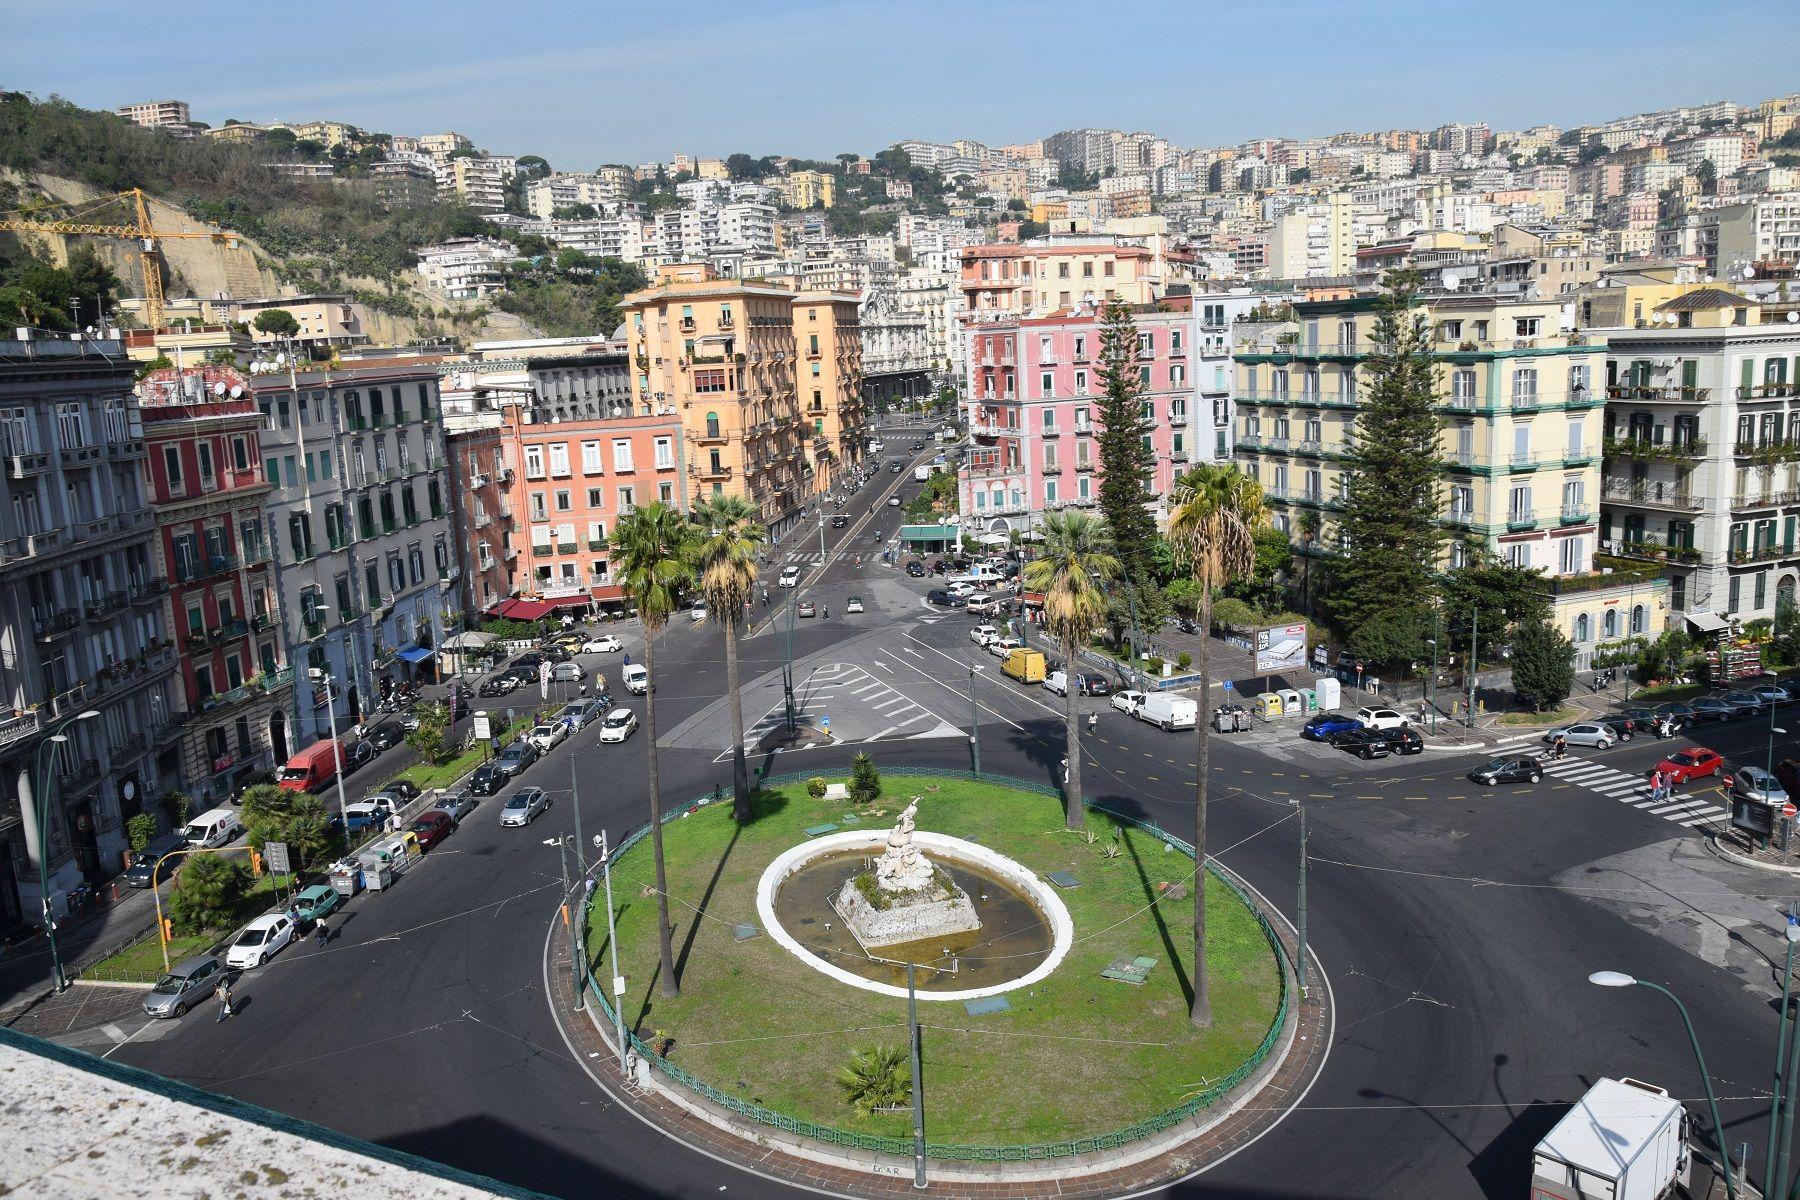 Mergellina Nello Splendido Scenario Tra Piazza Sannazaro E